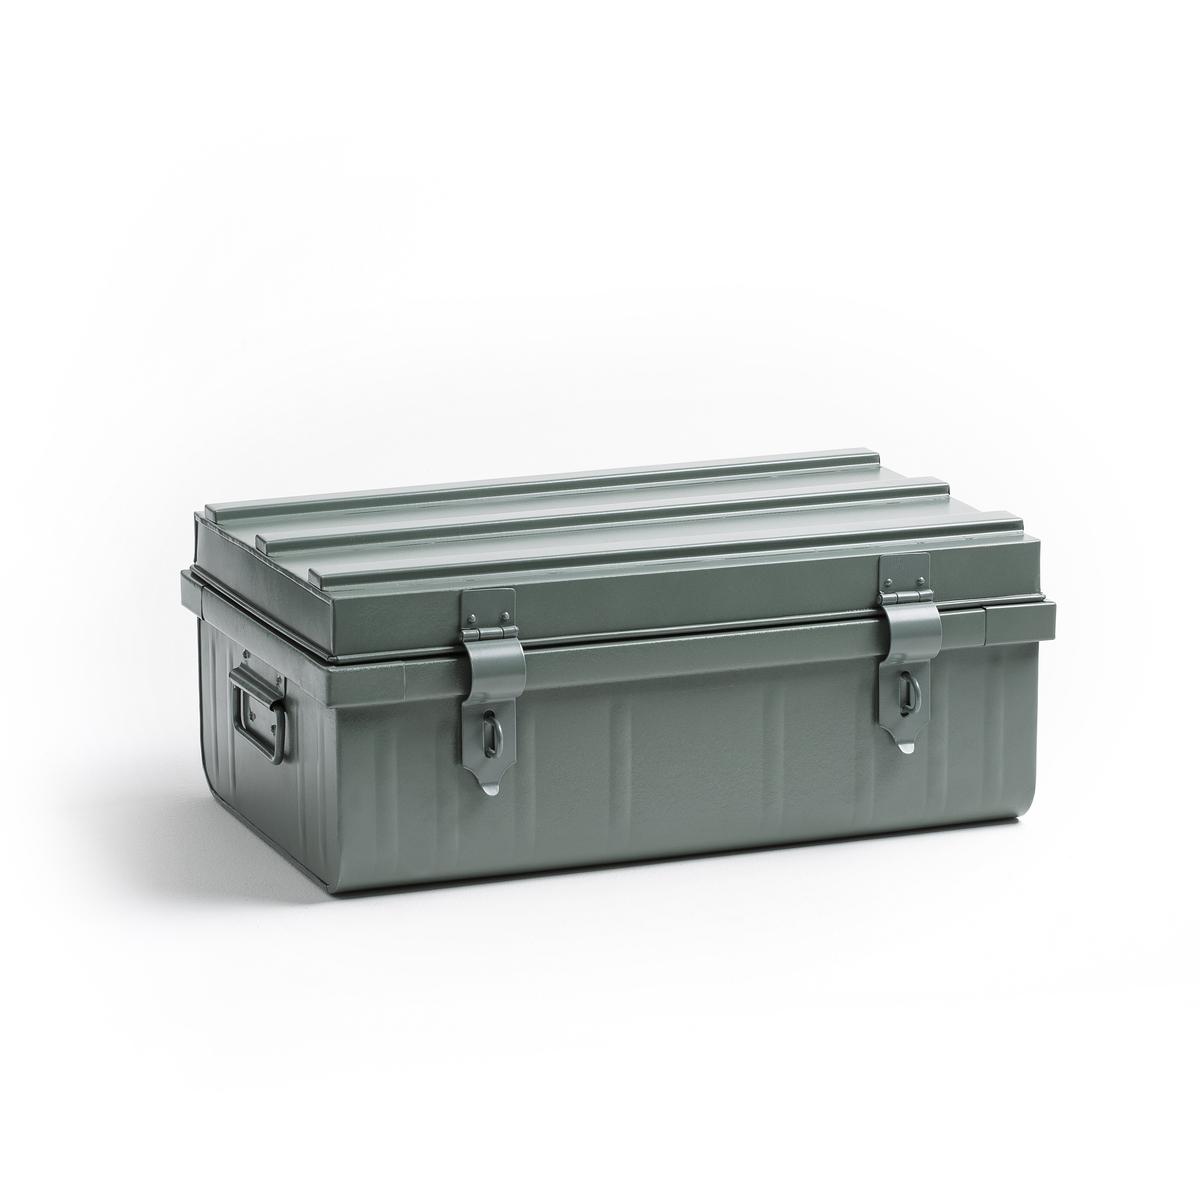 Чемодан MASAОписание:Небольшой чемодан из металла : он всегда актуален и не перестает обновлять свой дизайн с помощью разных деталей . Описание чемодана MASA :Чемодан из металла с эпоксидным покрытием эмалью  .2 ручки по бокам.Застежка спереди, возможность повесить 2 замка (не входят в комплект) .Размеры чемодана MASA :Длина 48,5 см Ширина 29,5 см Высота 19,5 см<br><br>Цвет: хаки,черный